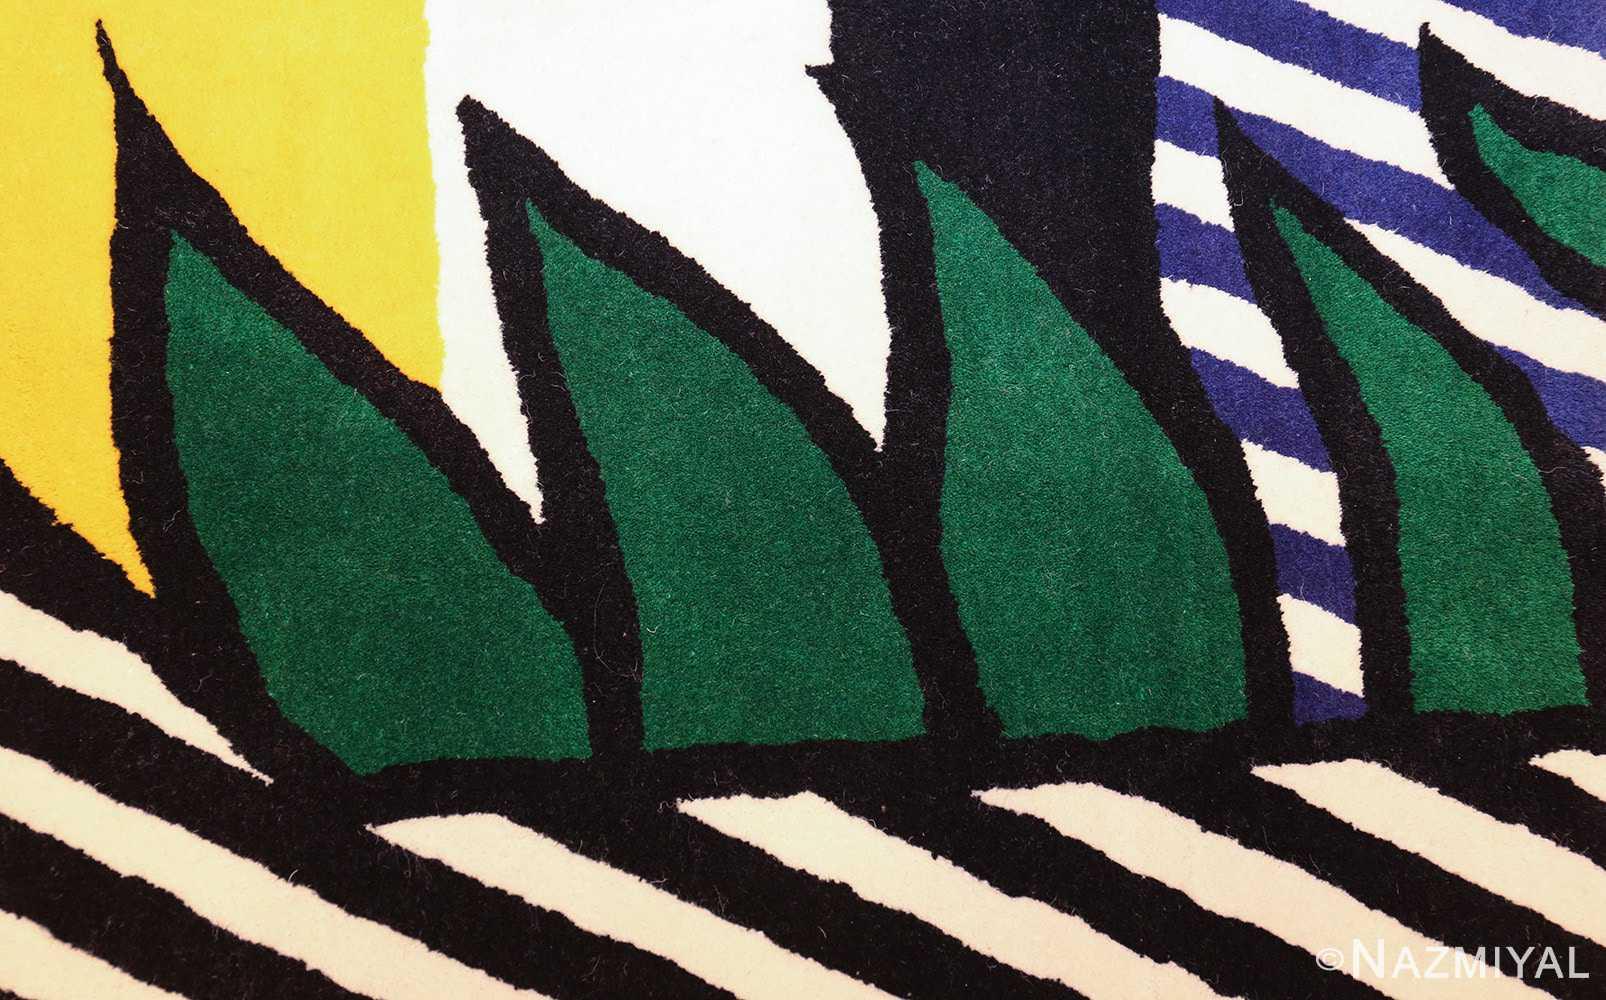 pop art rug by roy lichtenstein 47406 grass Nazmiyal